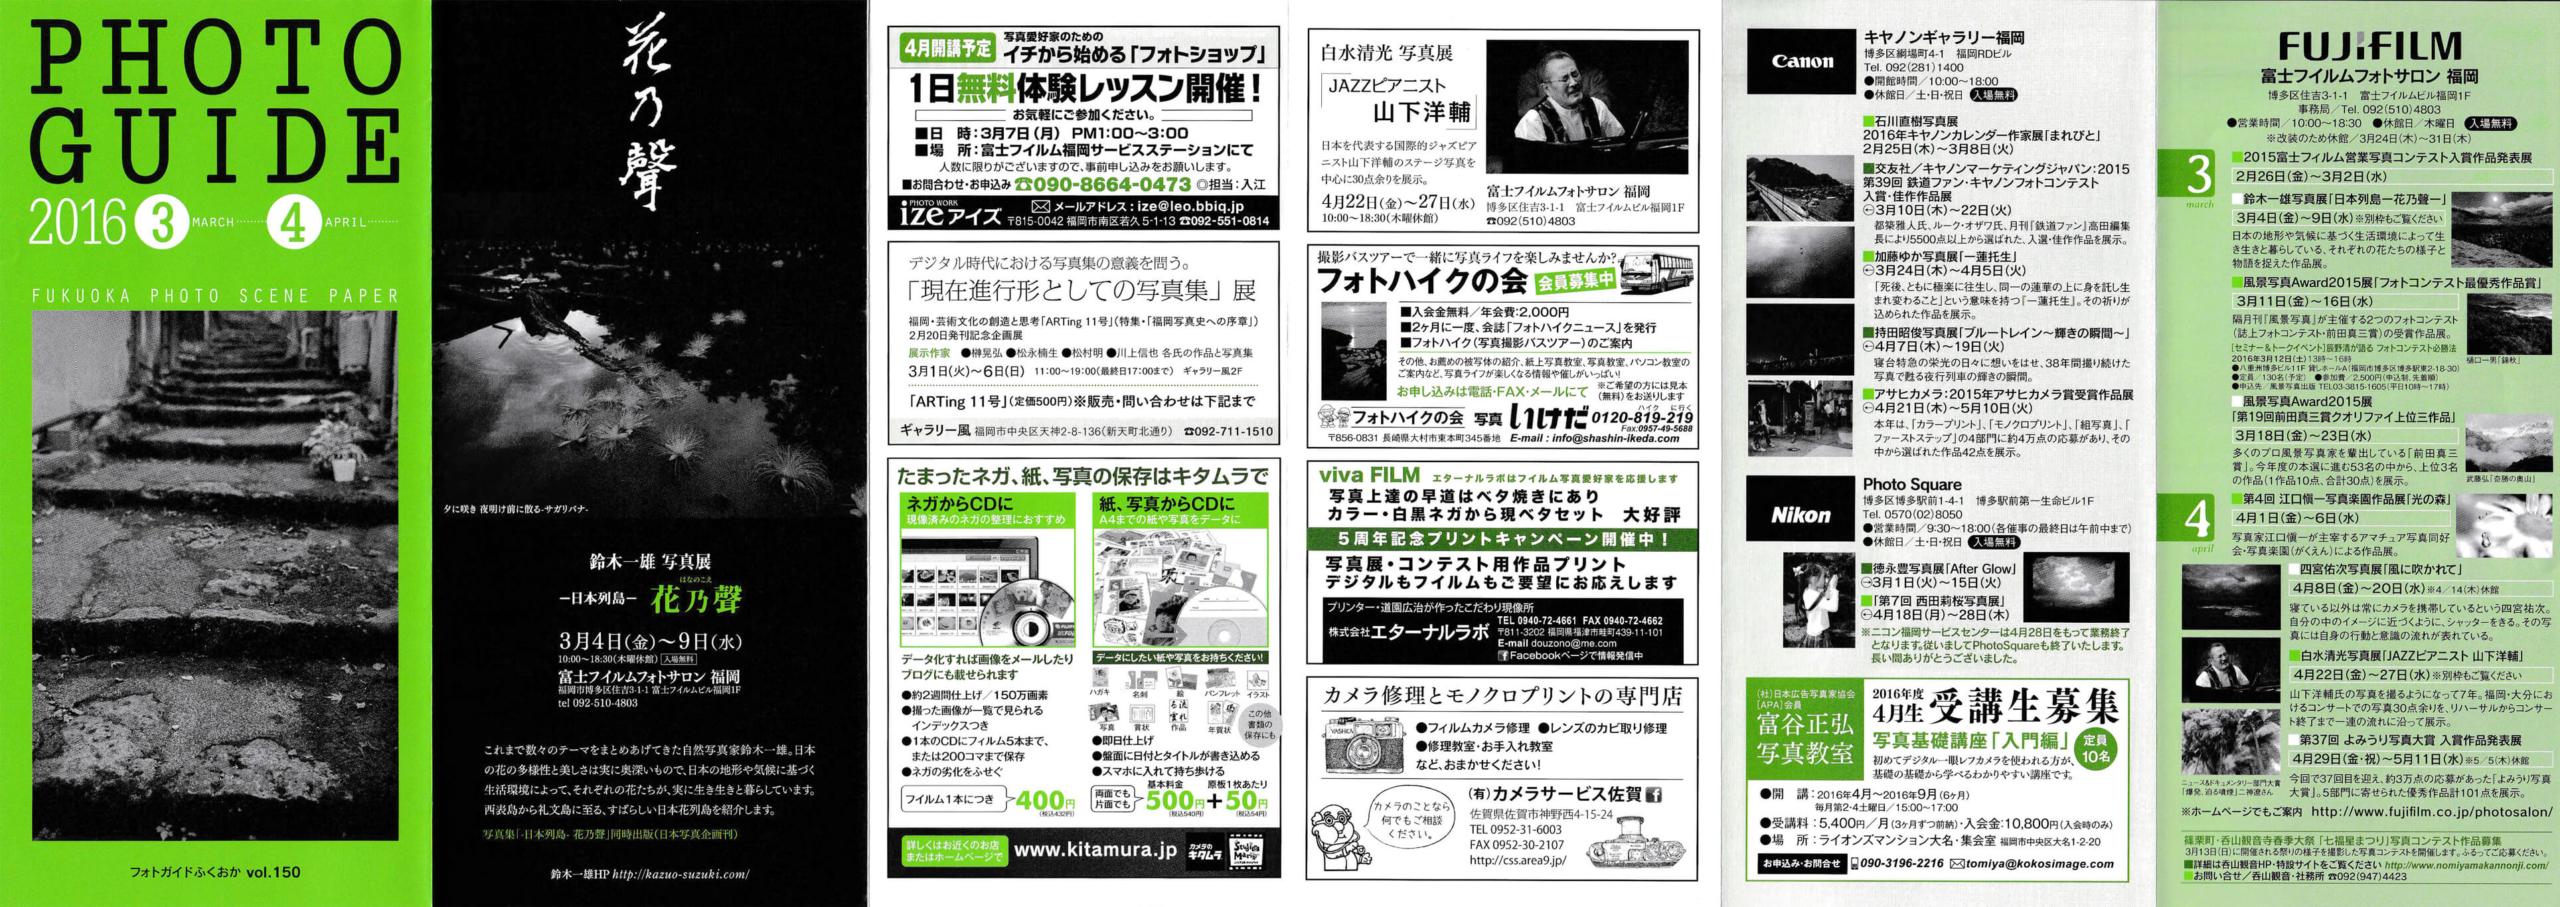 フォトガイドふくおか|アーカイブ|vol150